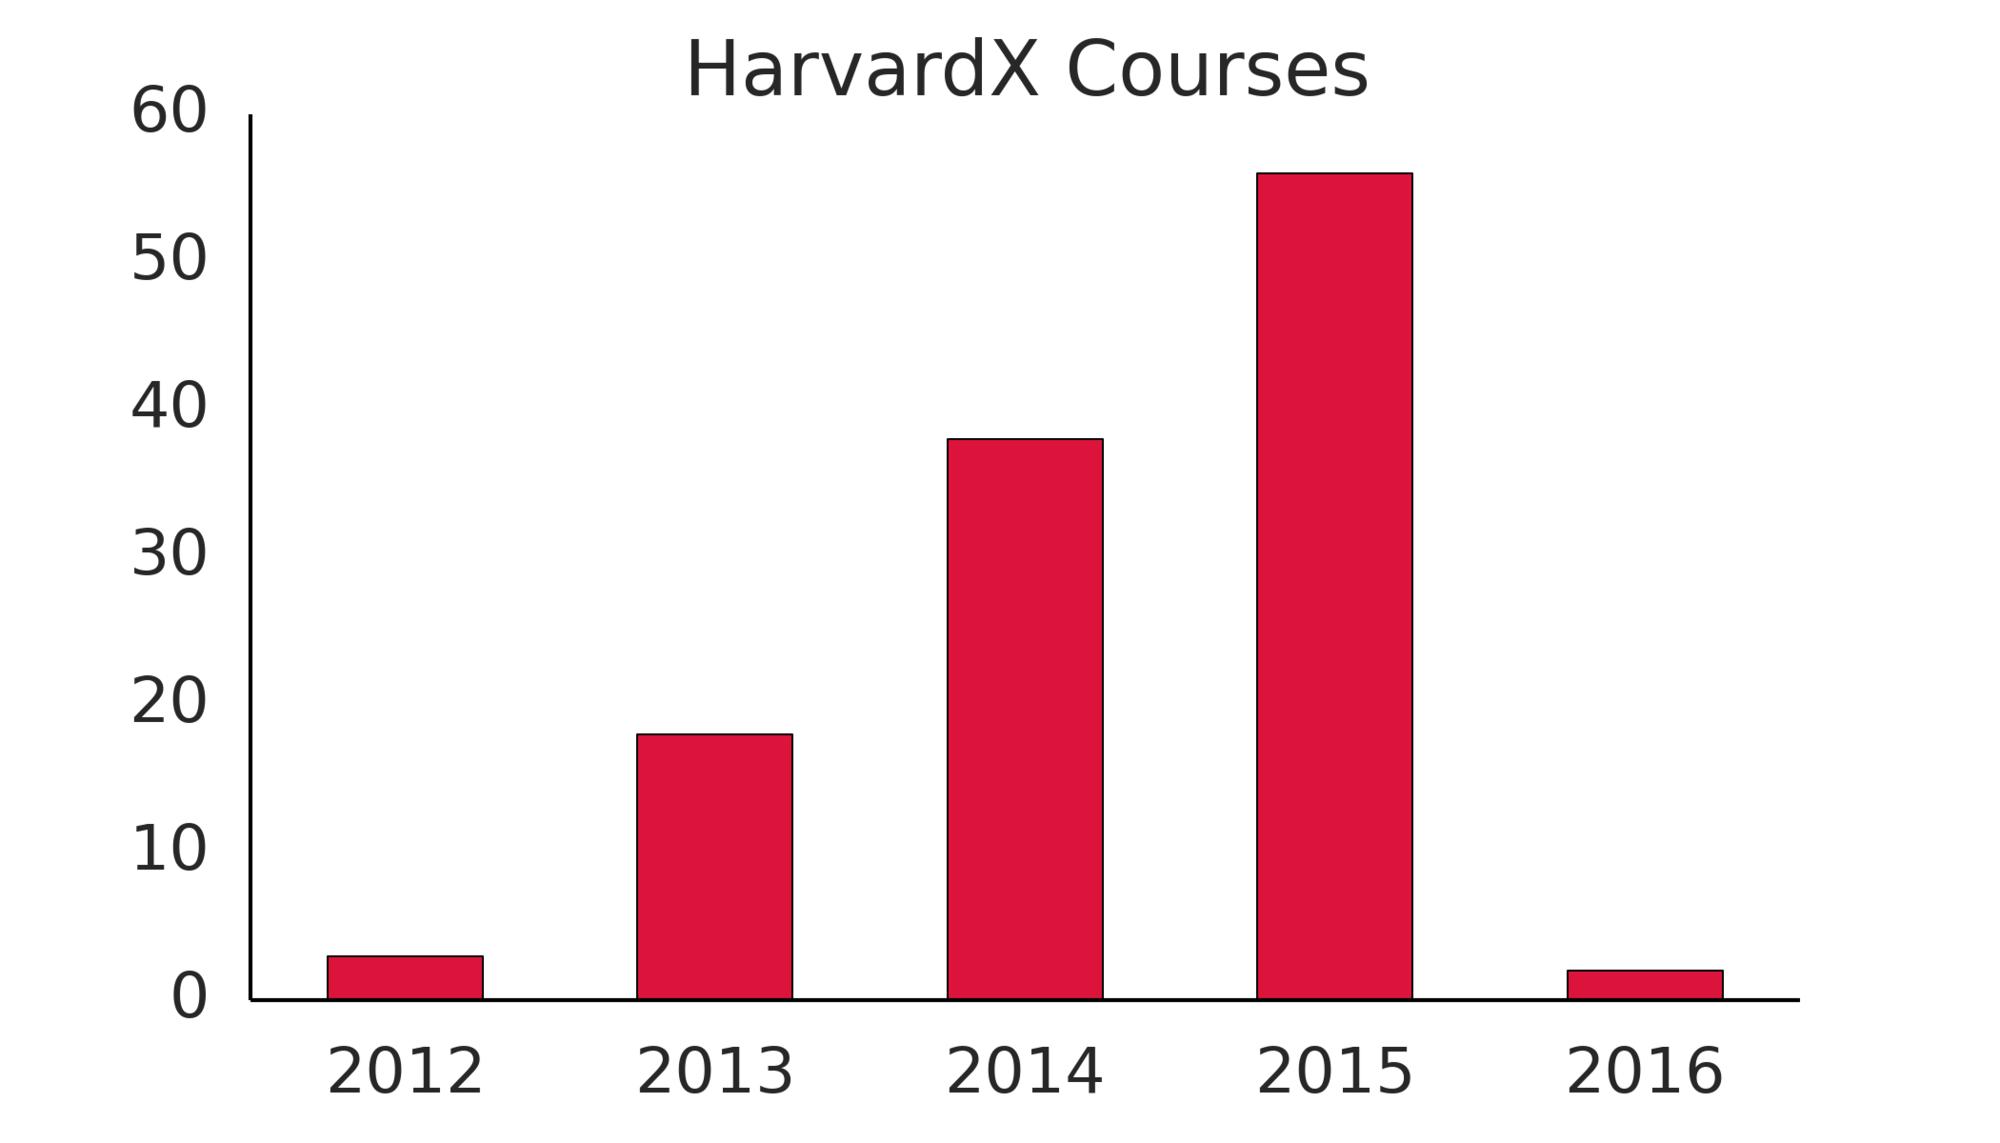 HarvardX Courses